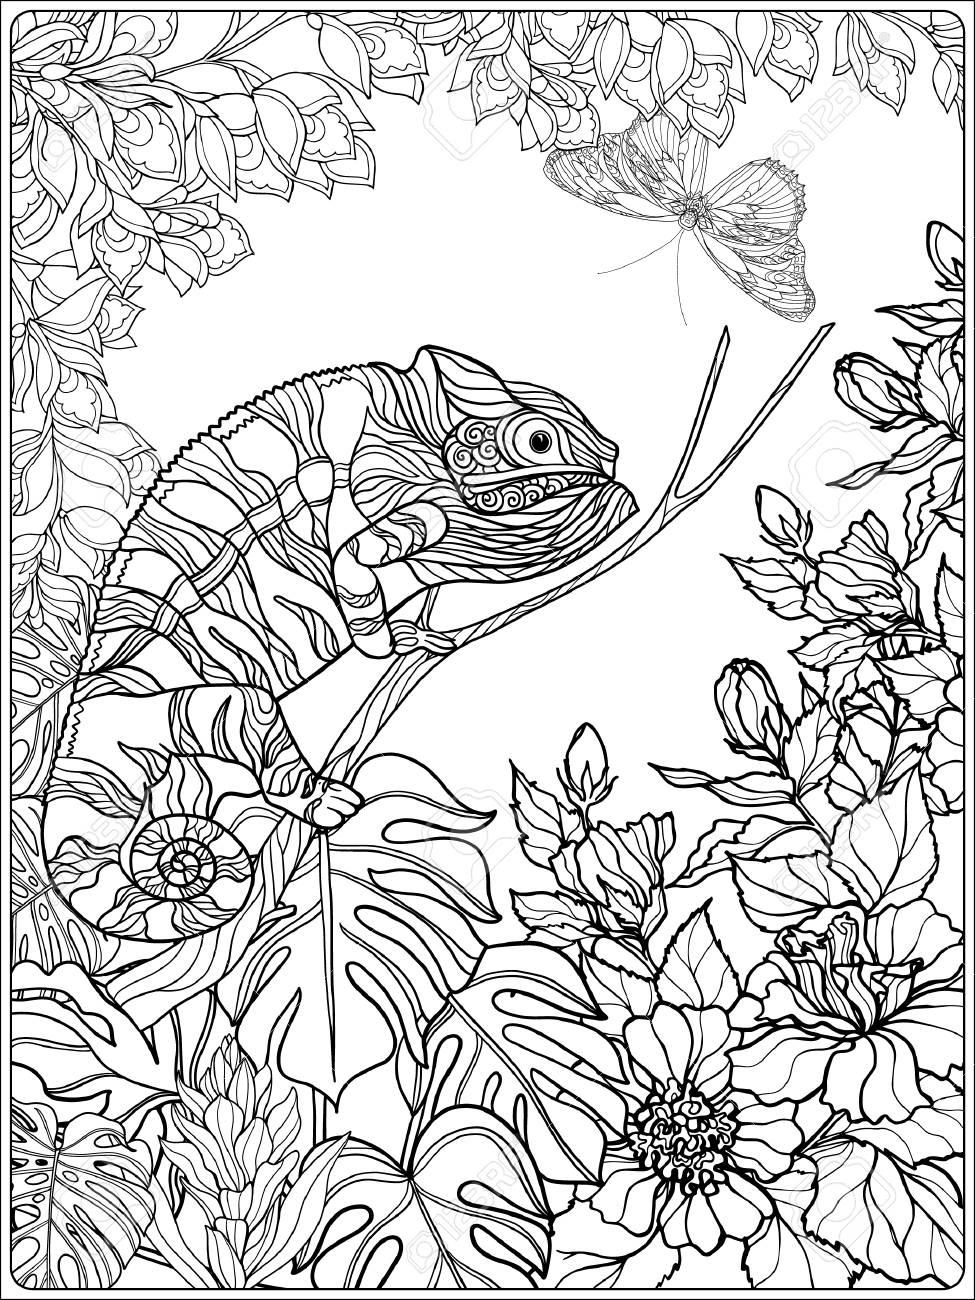 Tropical Oiseaux Et De Plantes Sauvages Collection De Jardin Tropical Coloriage Livre à Colorier Pour Les Adultes Et Les Enfants Plus âgés Outline